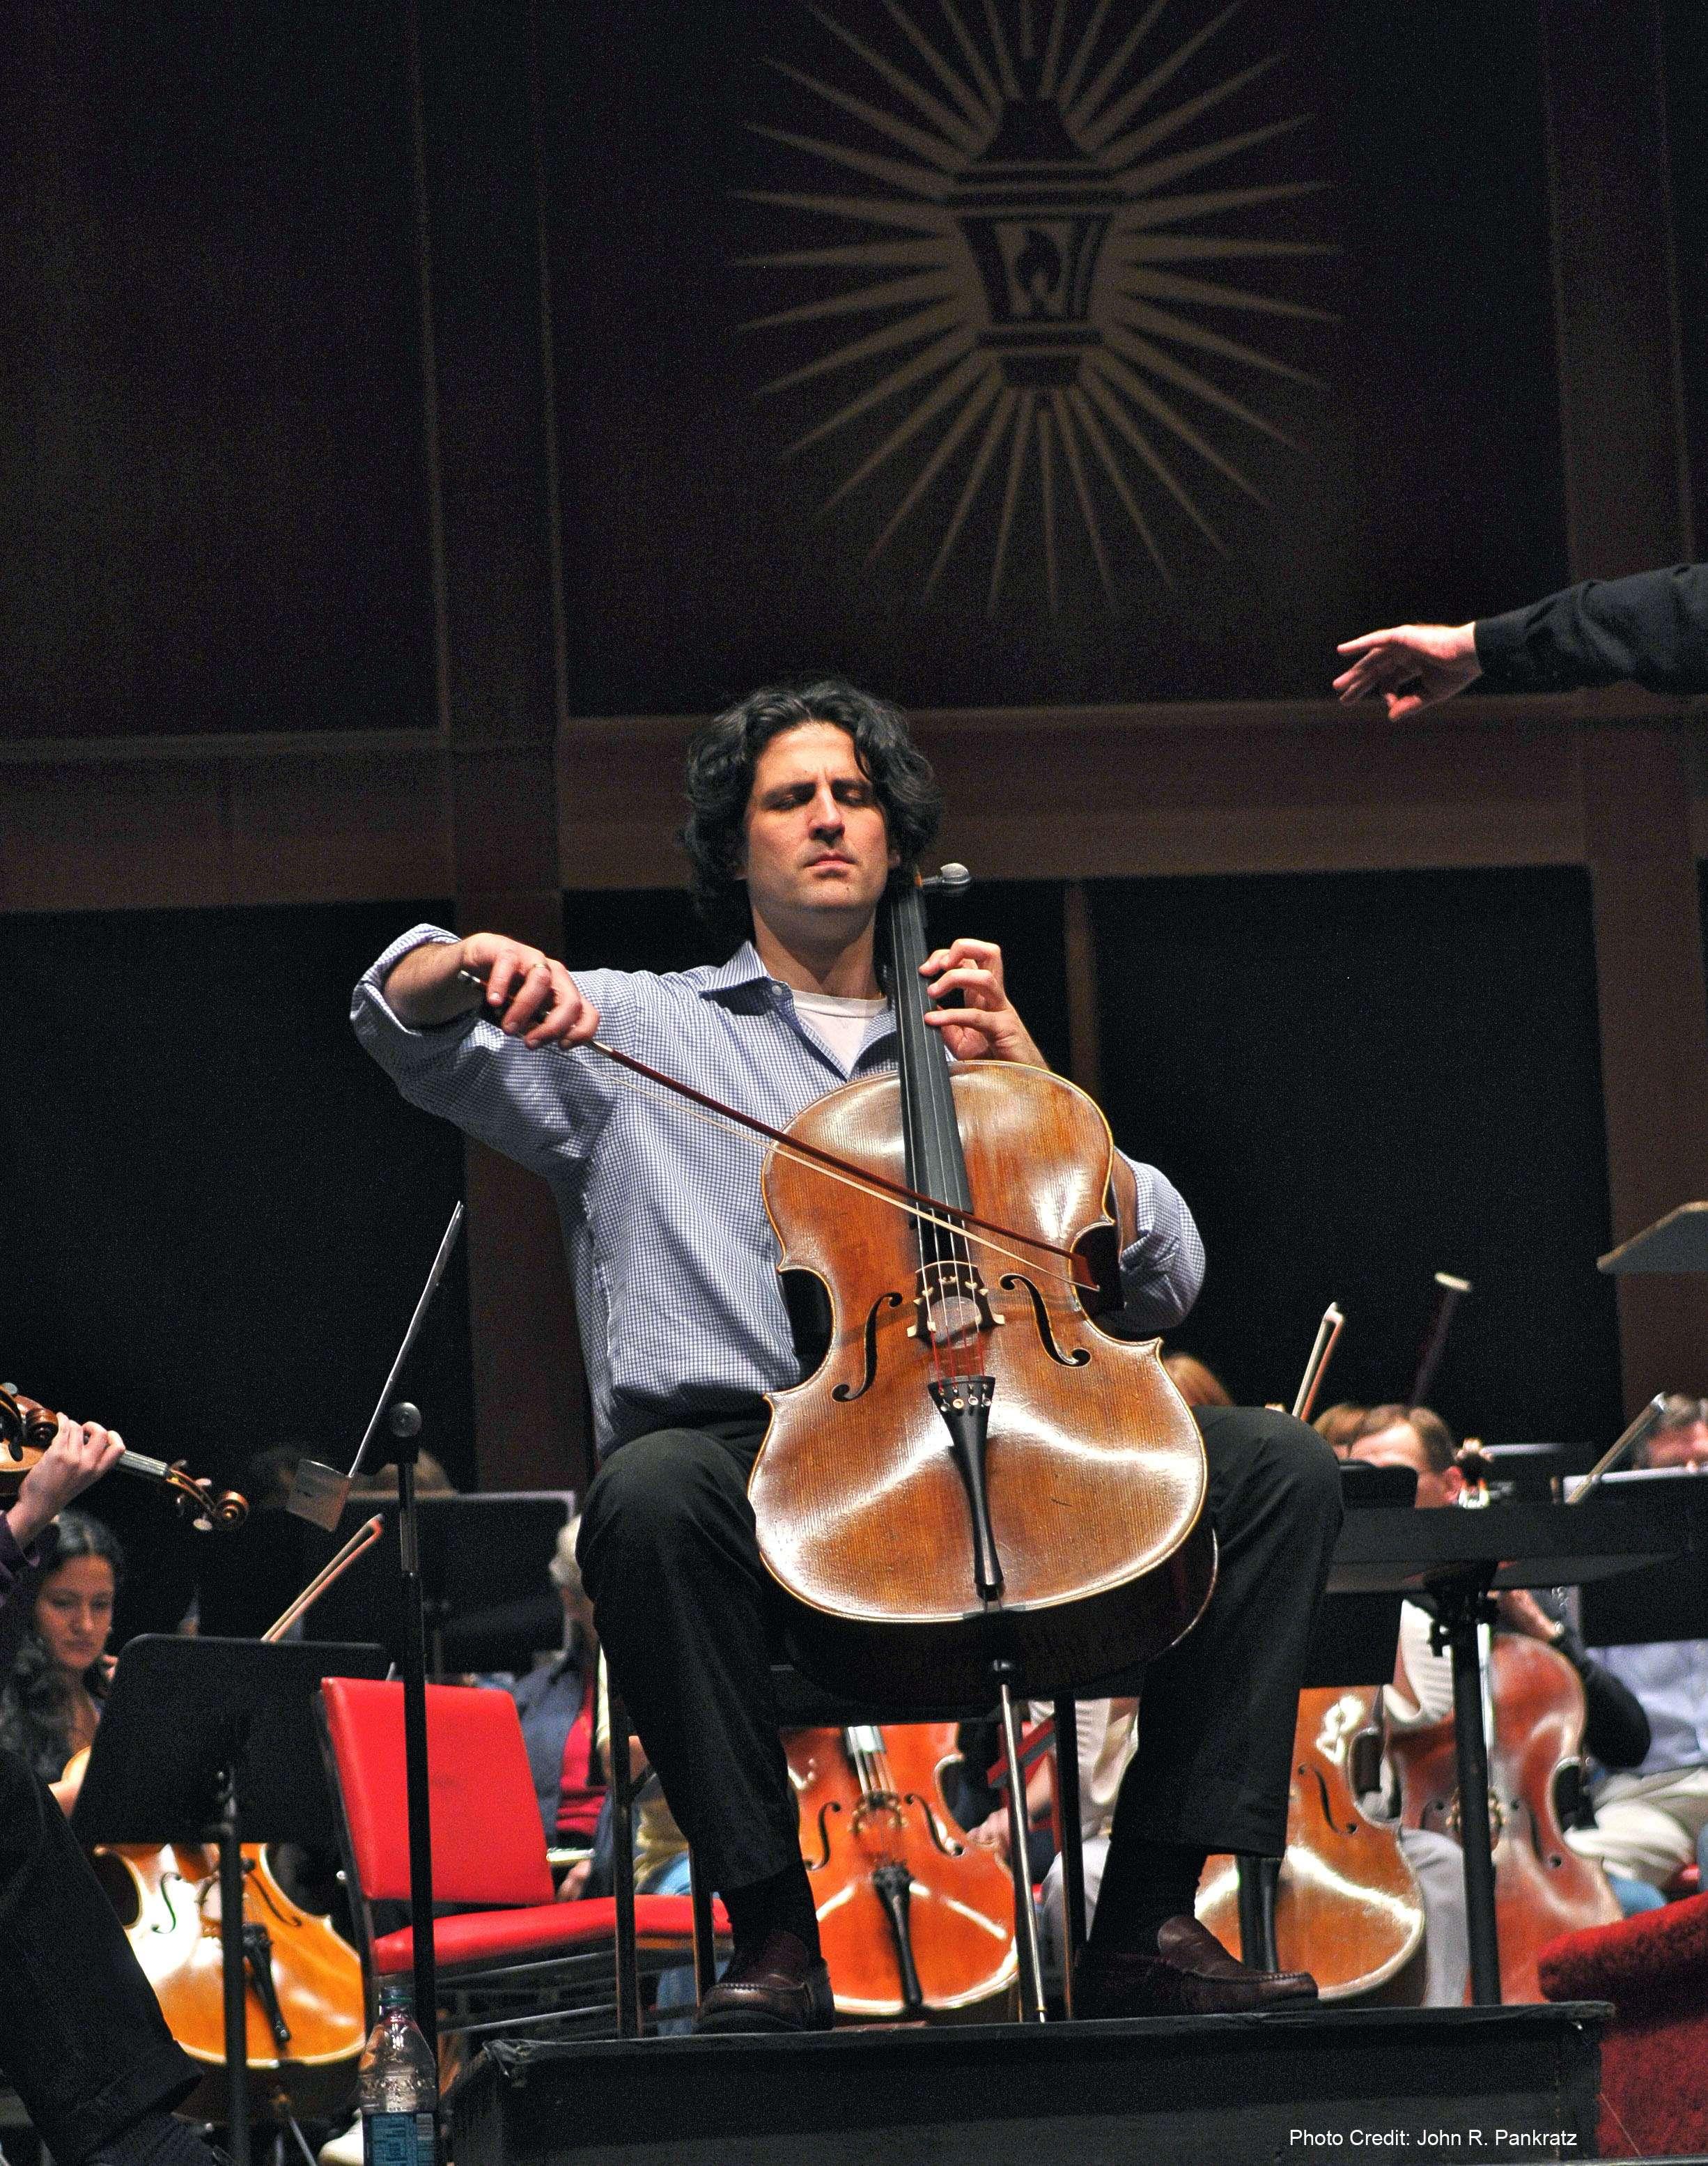 ConcertoNet.com - The Classical Music Network